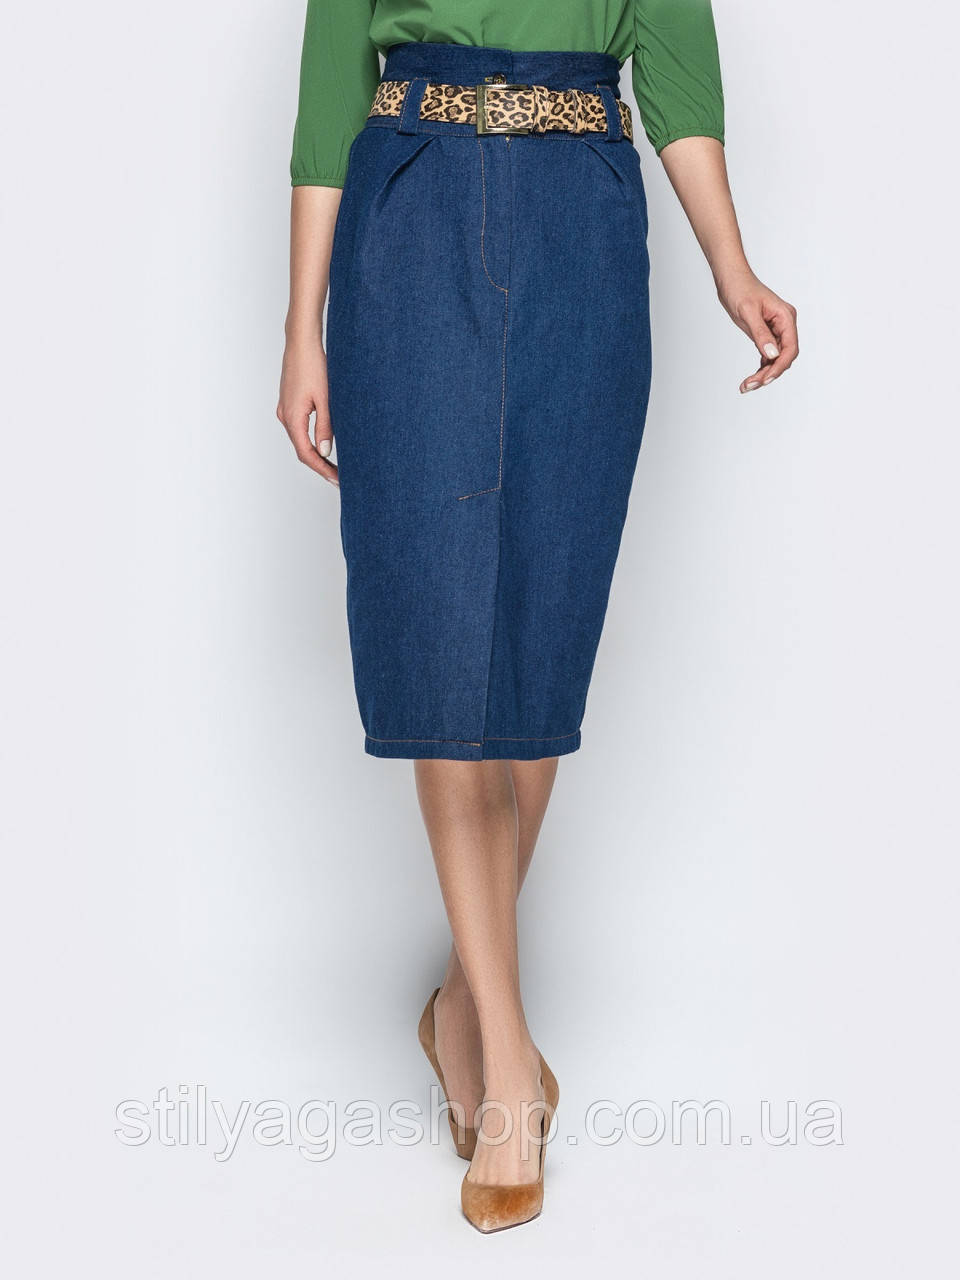 Джинсовая юбка-карандаш с завышенной талией и съемным поясом в комплекте синий